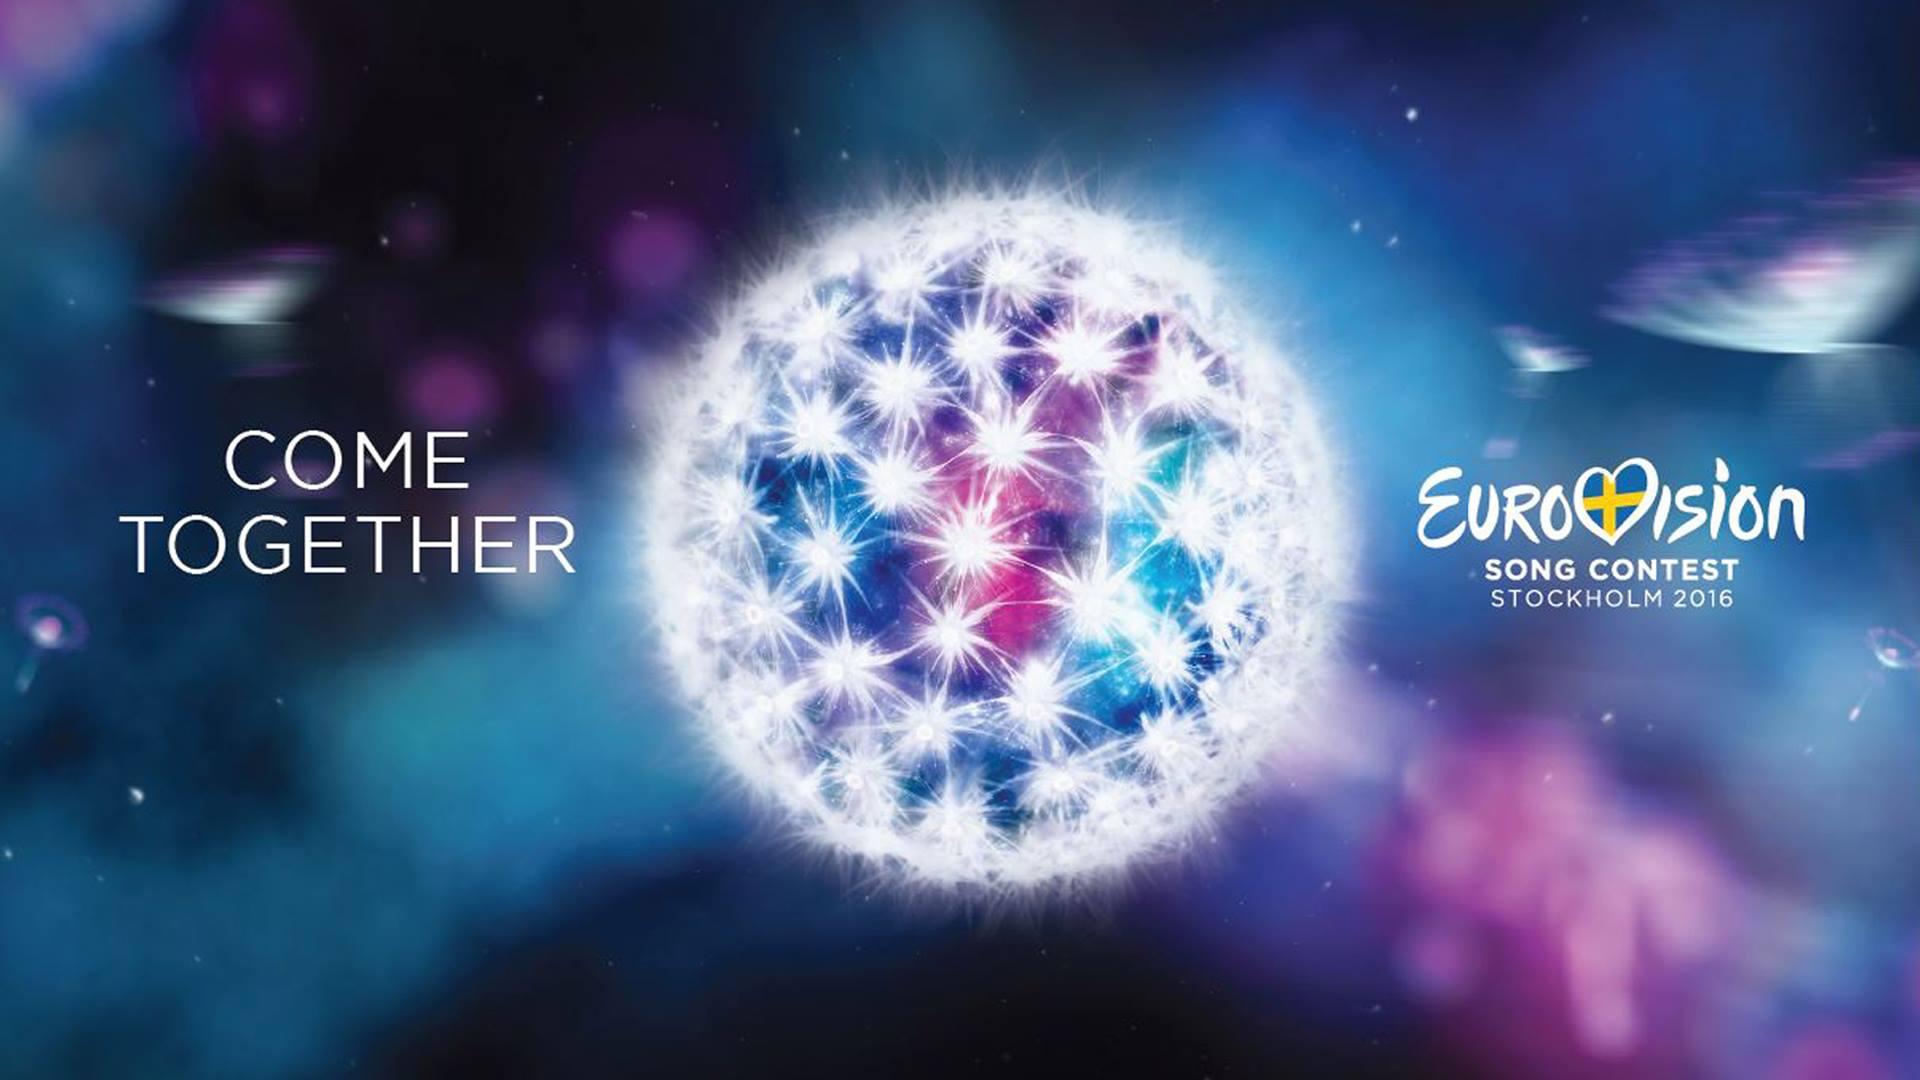 Ιδού η σειρά εμφάνισης στους ημιτελικούς της Eurovision